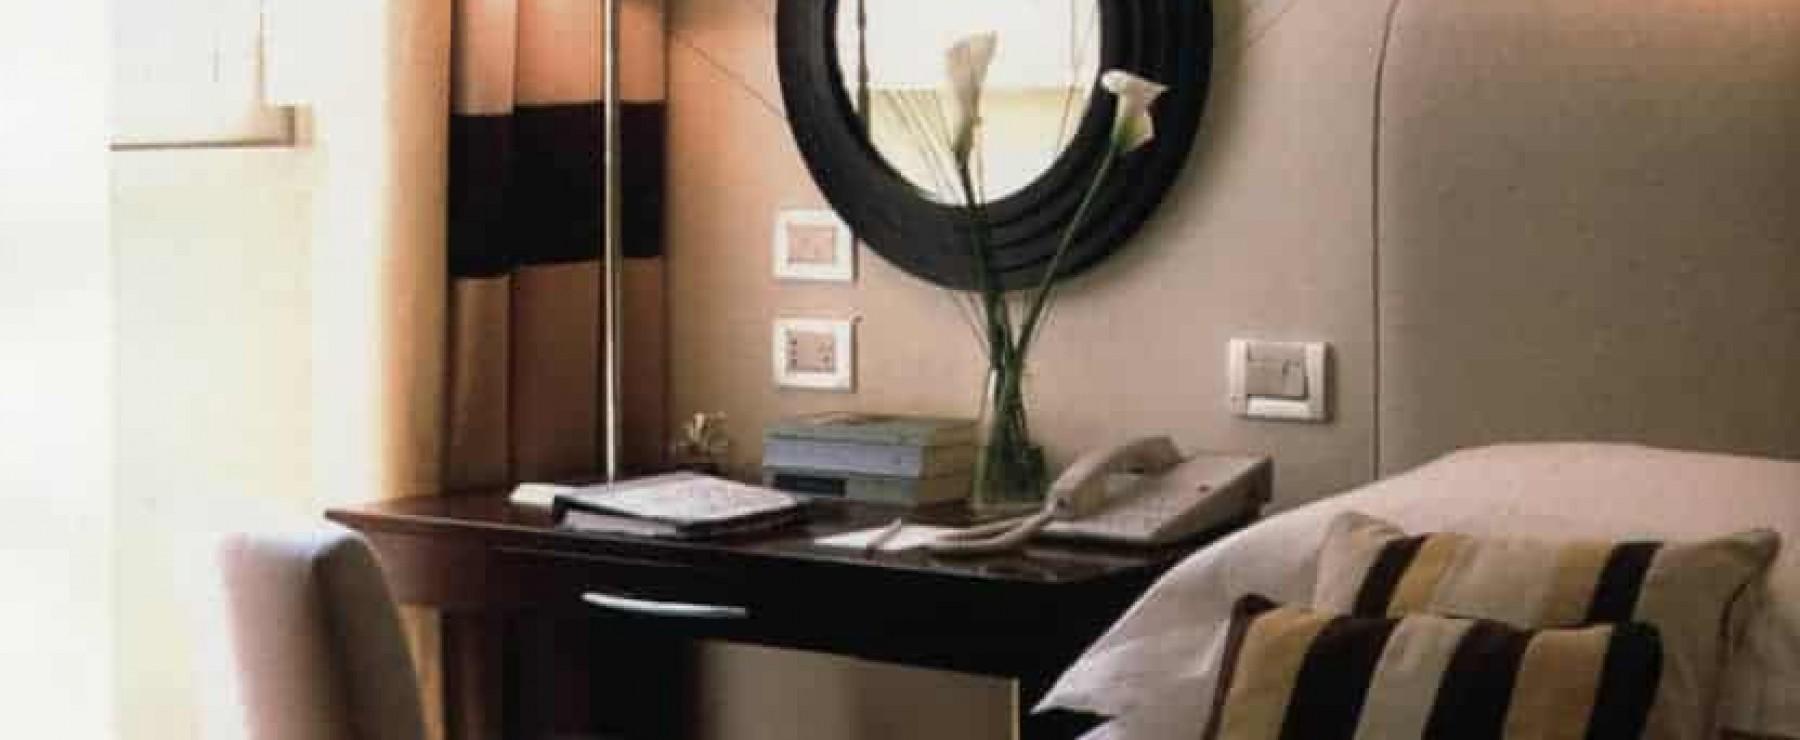 INDOOR Ξ Architecture – Boutique Hotel Interior Design Upgrade